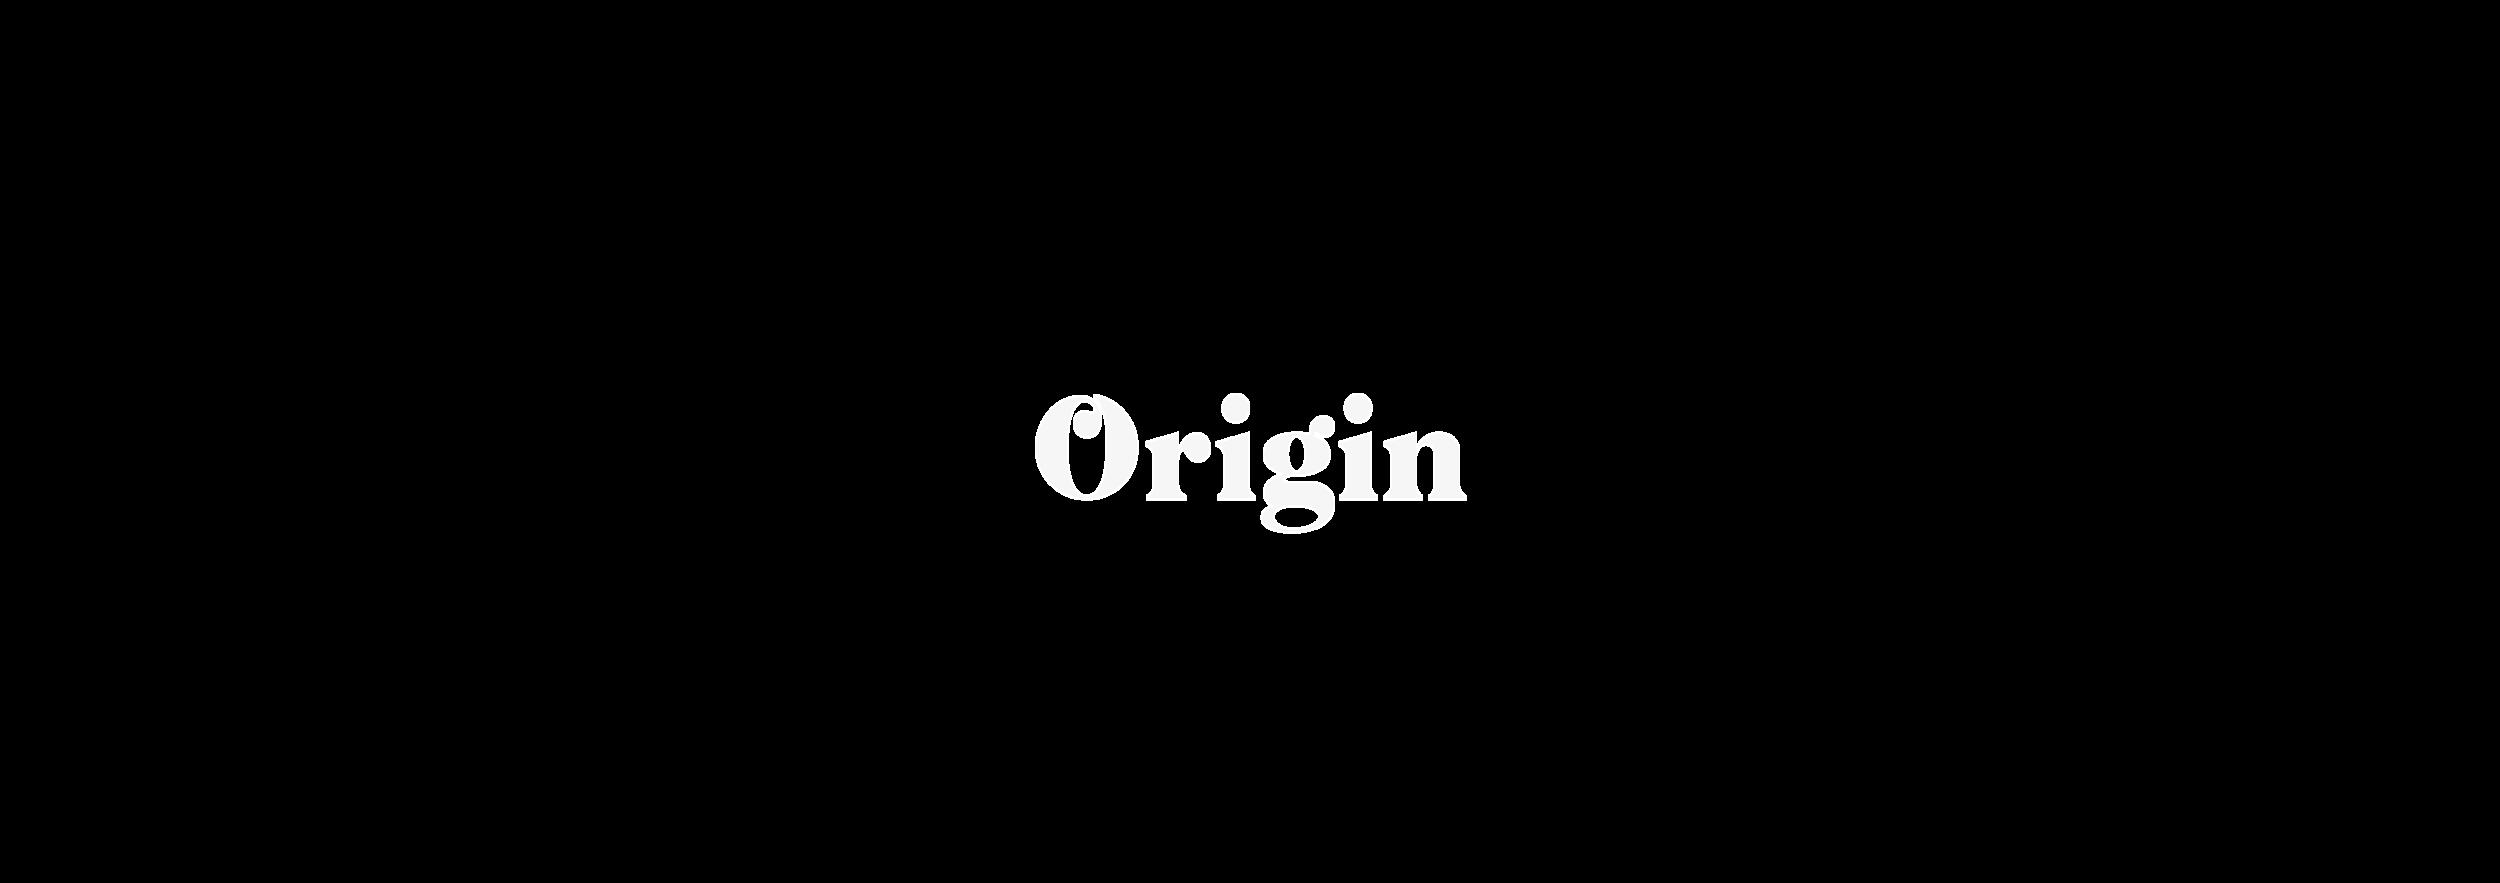 Origin_Card.png